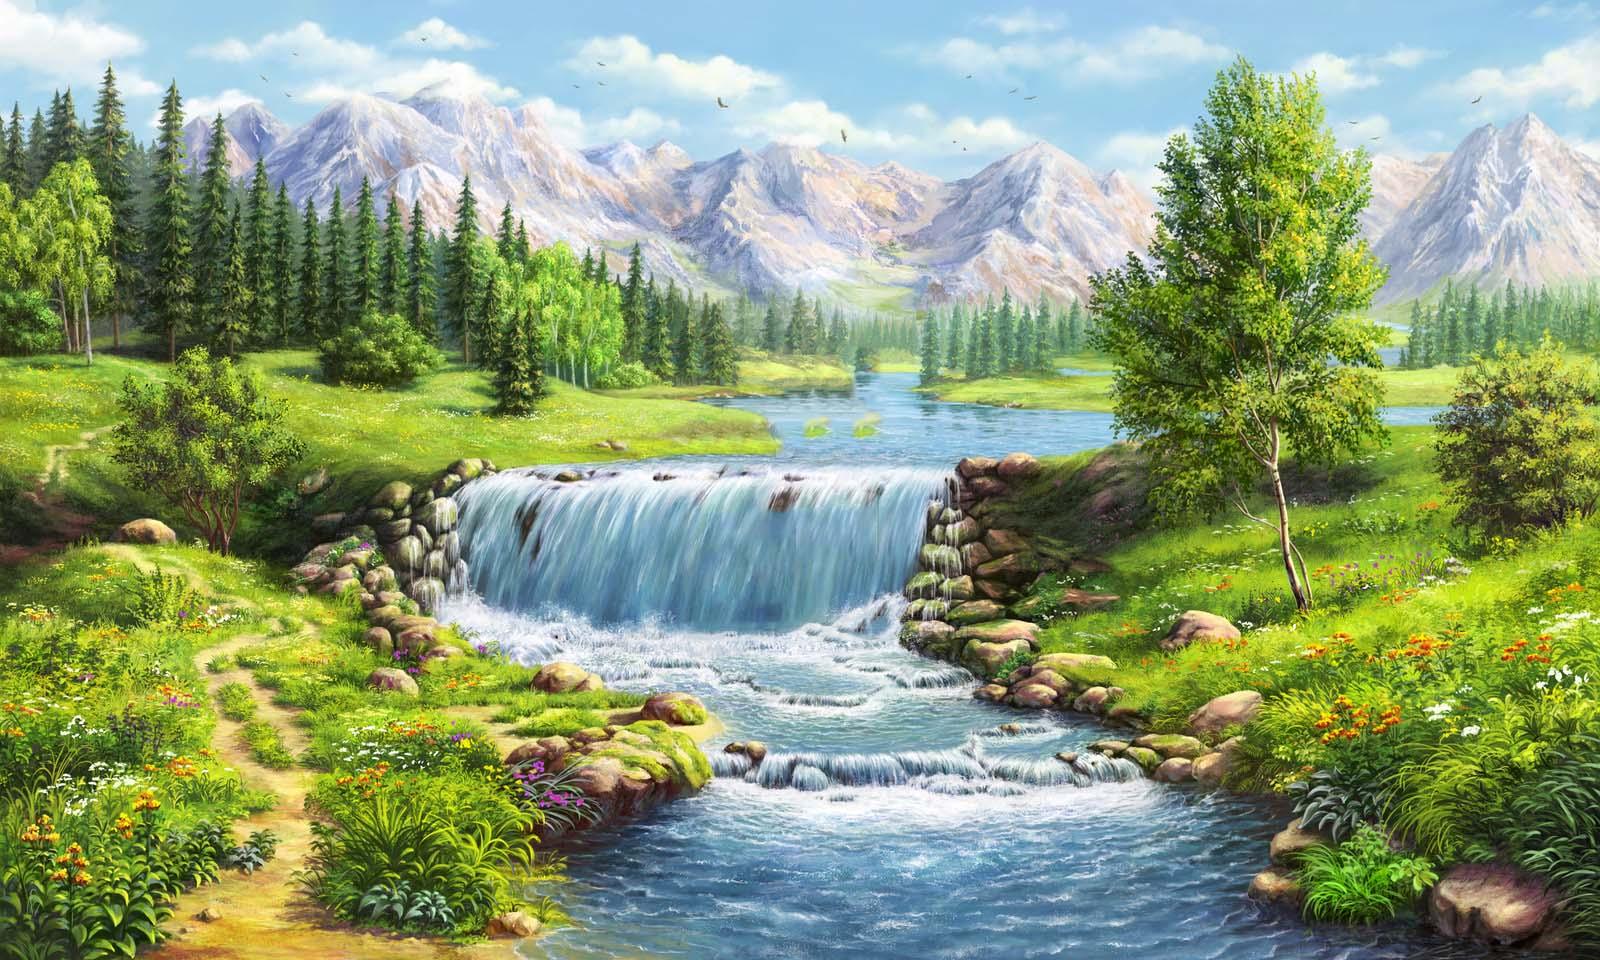 Hình ảnh tranh phong cảnh đẹp